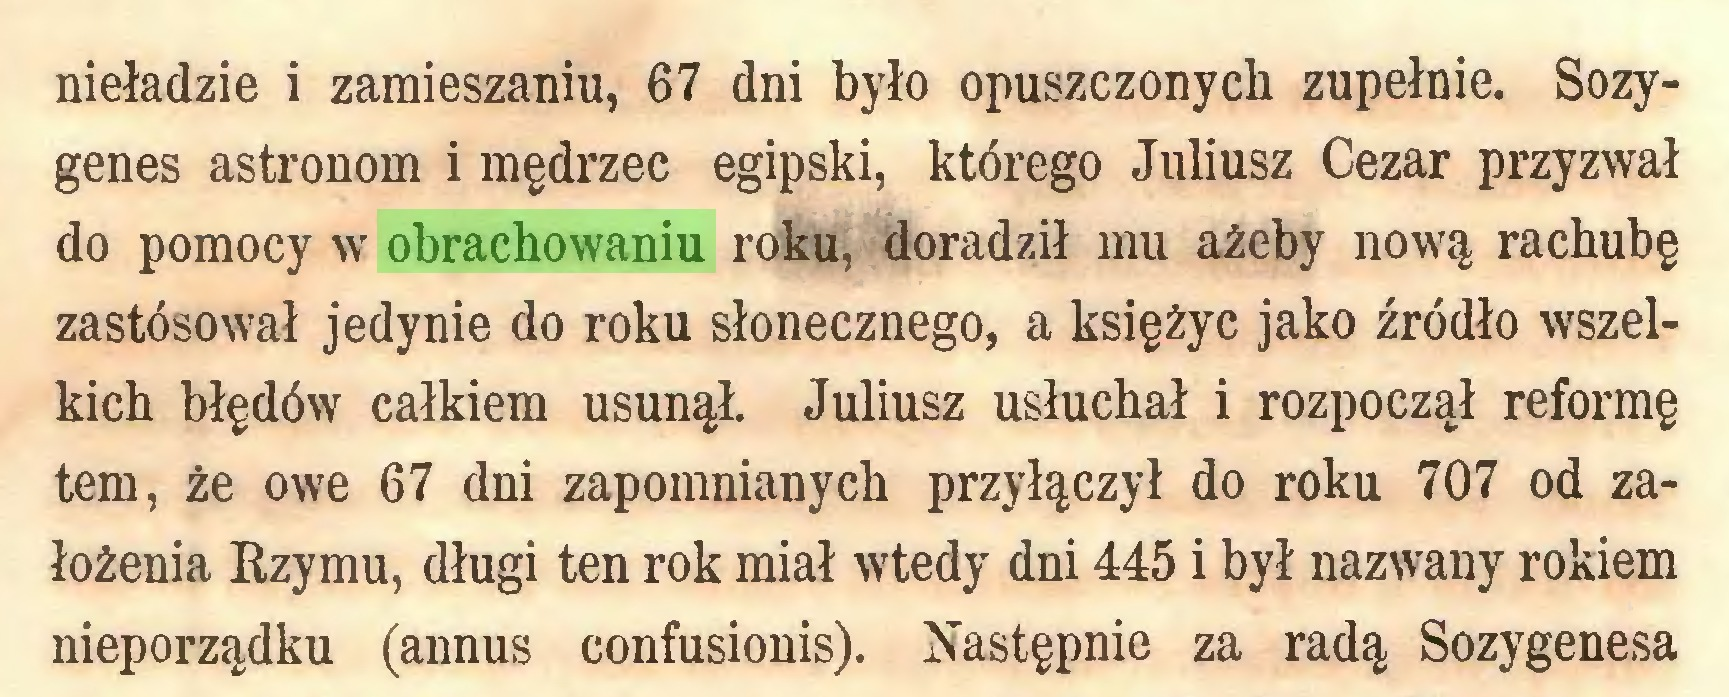 (...) nieładzie i zamieszaniu, 67 dni było opuszczonych zupełnie. Sozygenes astronom i mędrzec egipski, którego Juliusz Cezar przyzwał do pomocy w obrachowaniu roku, doradził mu ażeby nową rachubę zastosował jedynie do roku słonecznego, a księżyc jako źródło wszelkich błędów całkiem usunął. Juliusz usłuchał i rozpoczął reformę tern, że owe 67 dni zapomnianych przyłączył do roku 707 od założenia Rzymu, długi ten rok miał wtedy dni 445 i był nazwany rokiem nieporządku (annus confusionis). Następnie za radą Sozygenesa...